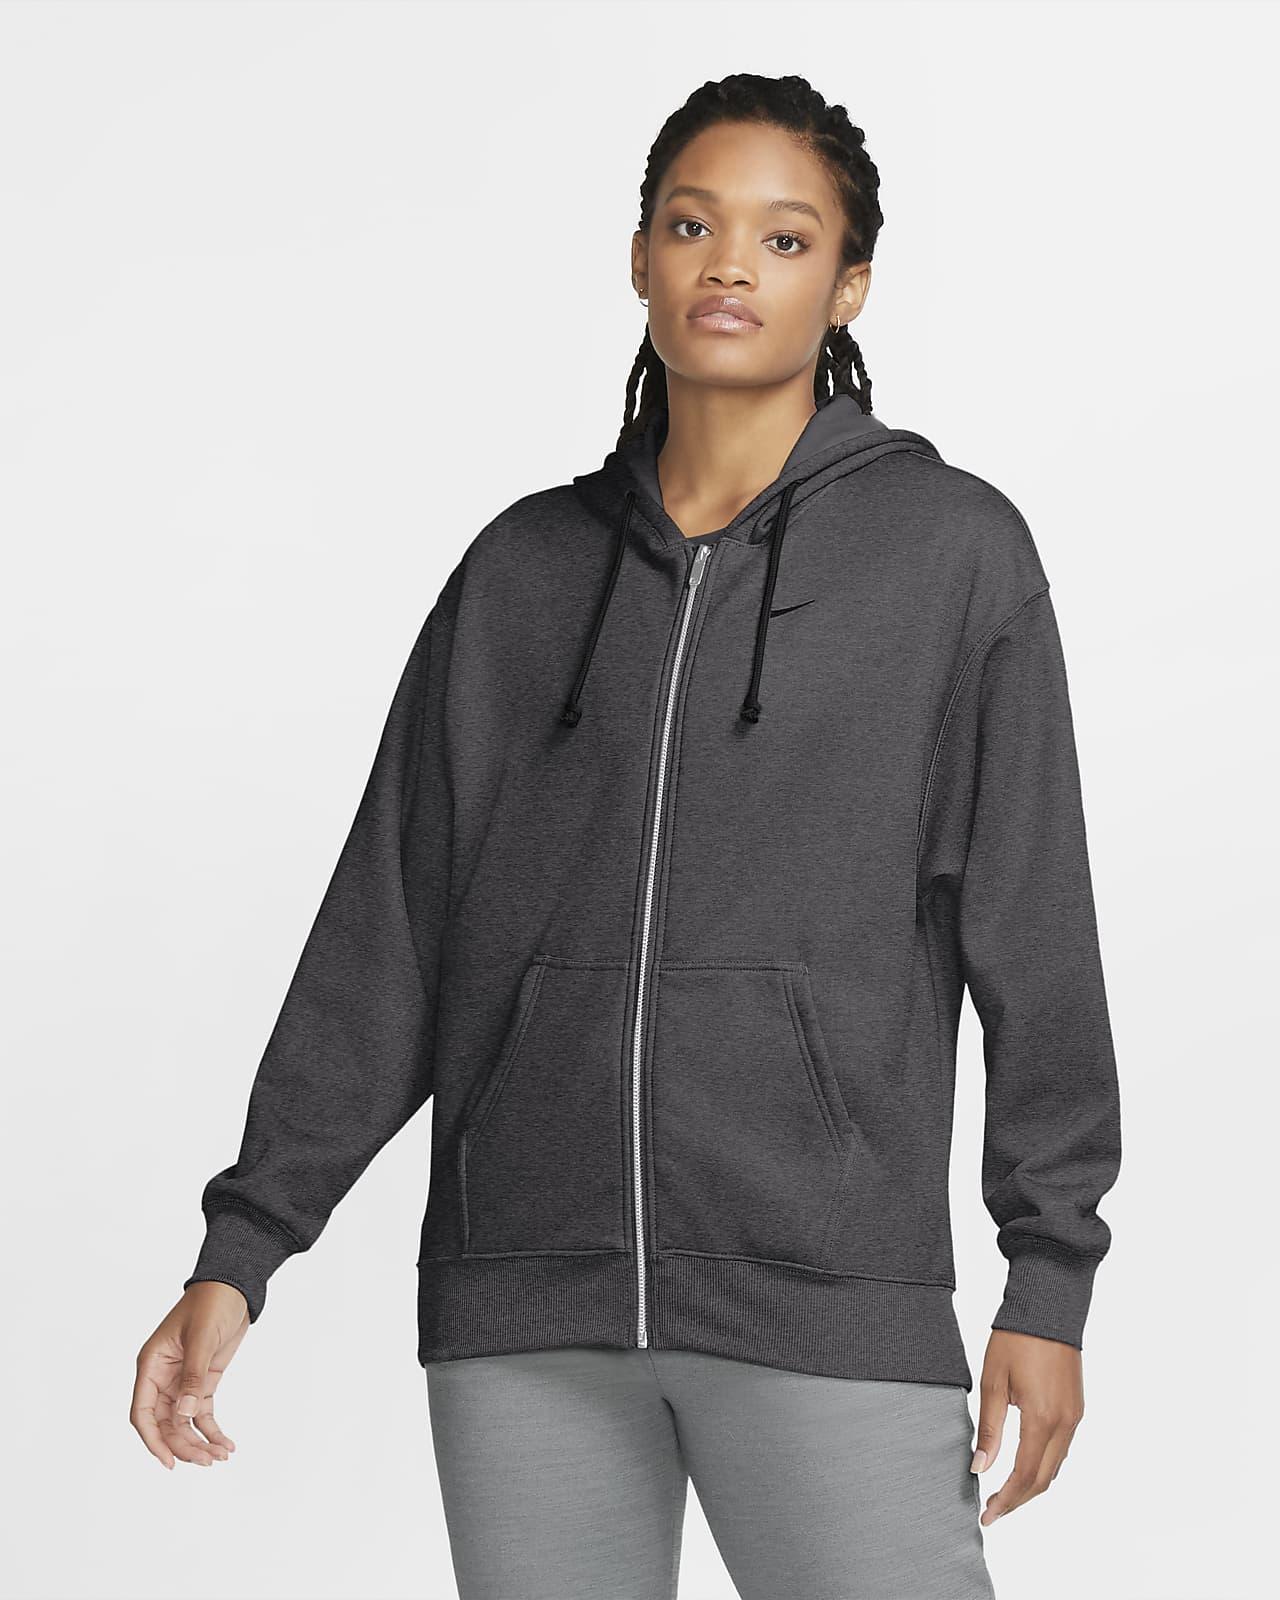 Nike Therma Women's Full-Zip Training Hoodie